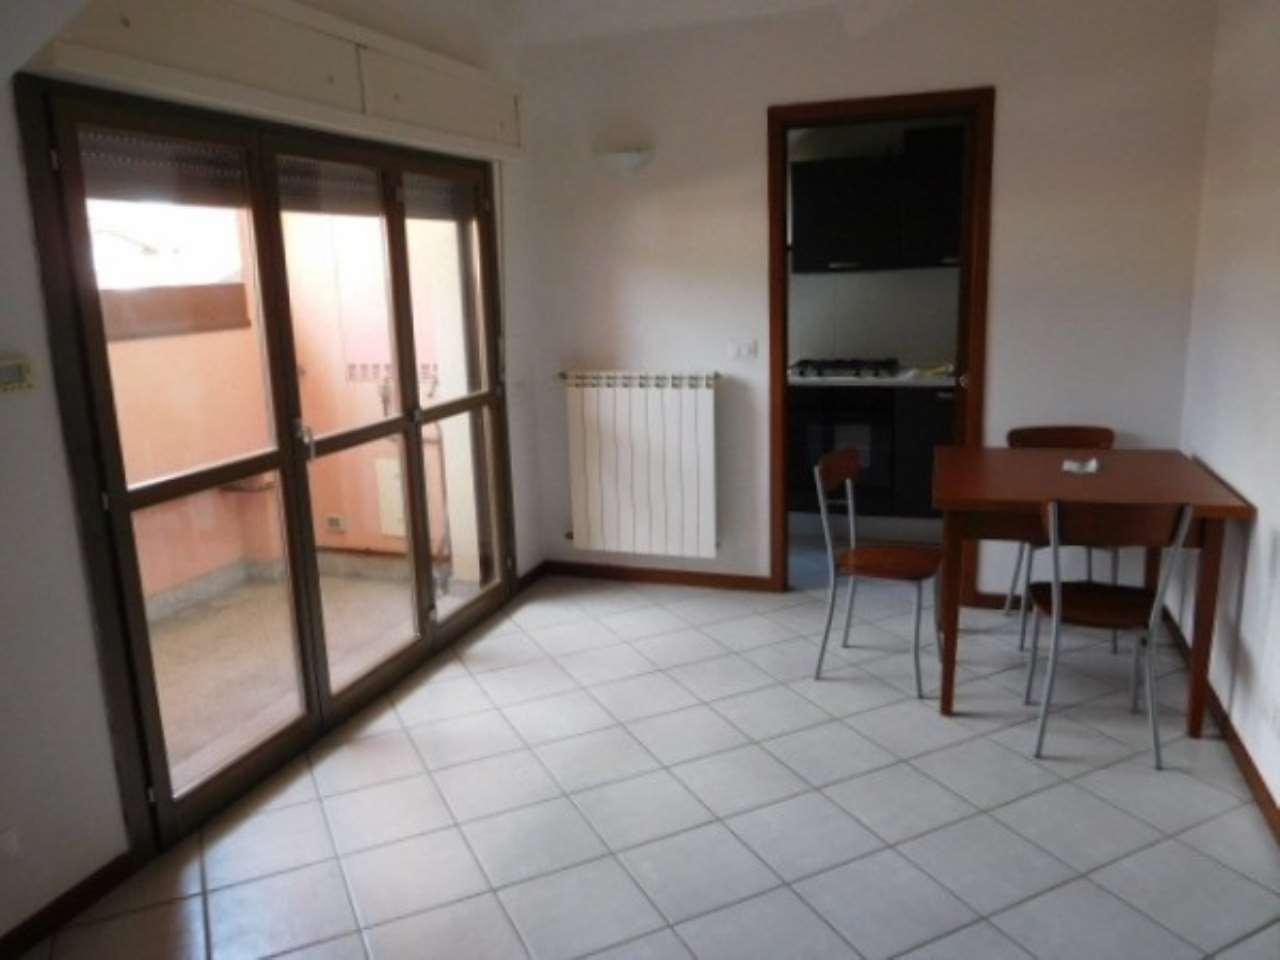 Appartamento in vendita a San Martino Siccomario, 1 locali, prezzo € 49.000   Cambio Casa.it